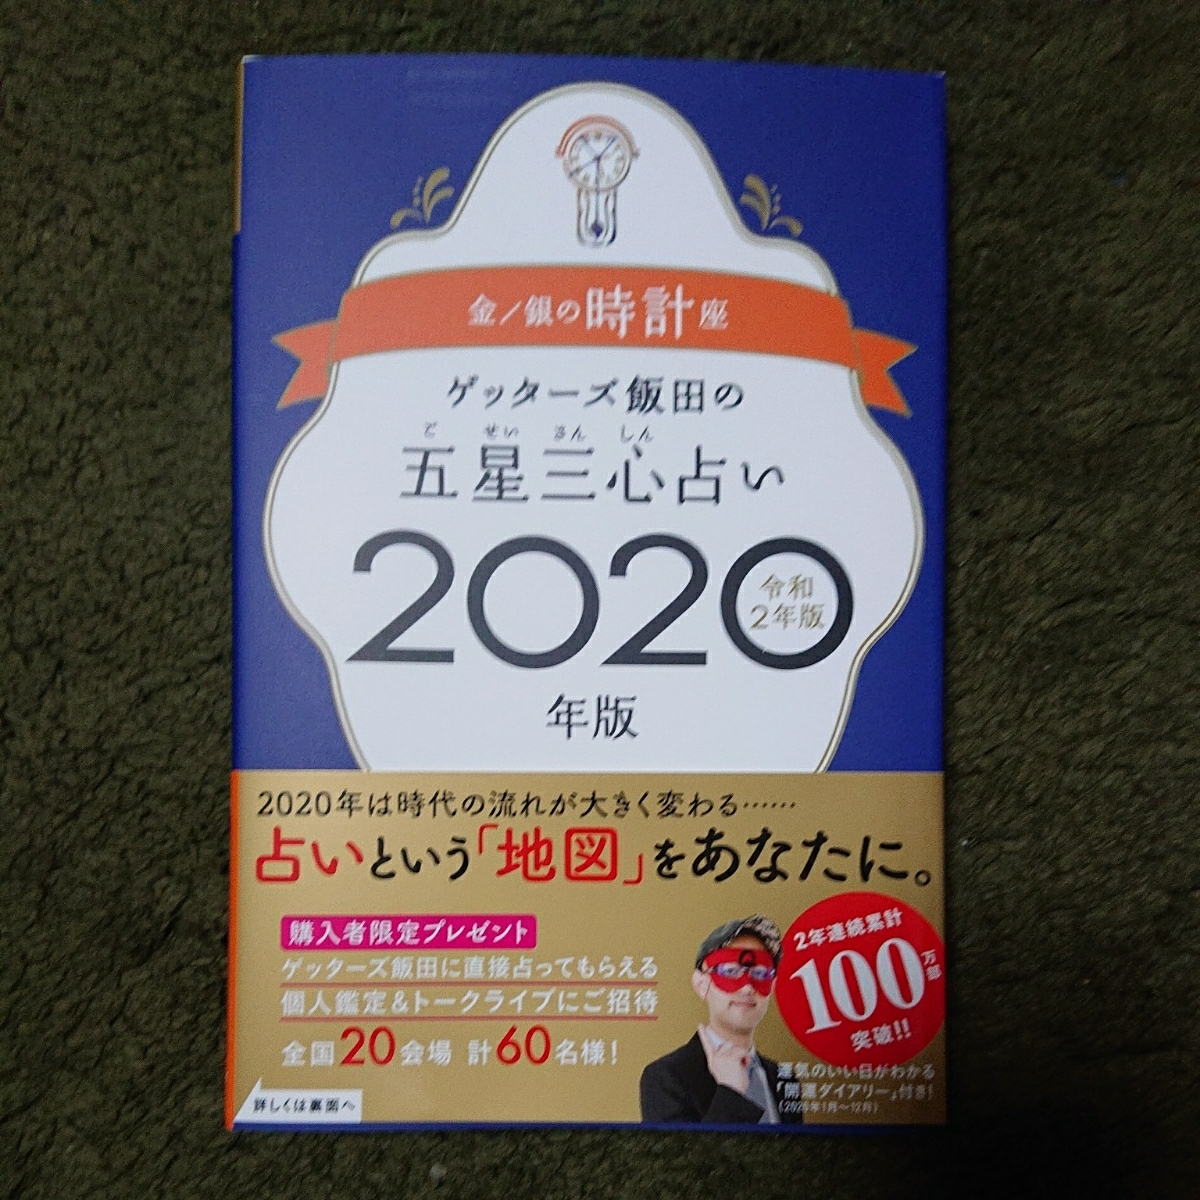 ゲッターズ 飯田 の 五星 三 心 占い 2020 年版